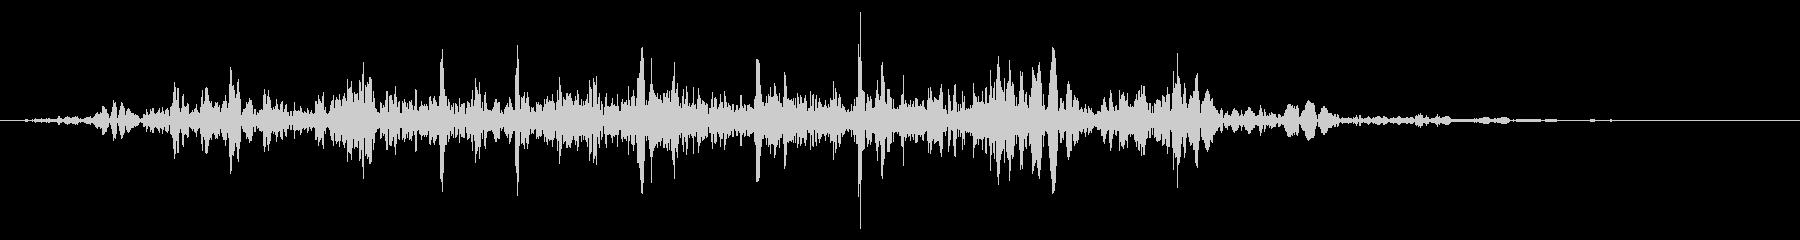 スライムなどが蠢く音 タイプ C#3の未再生の波形